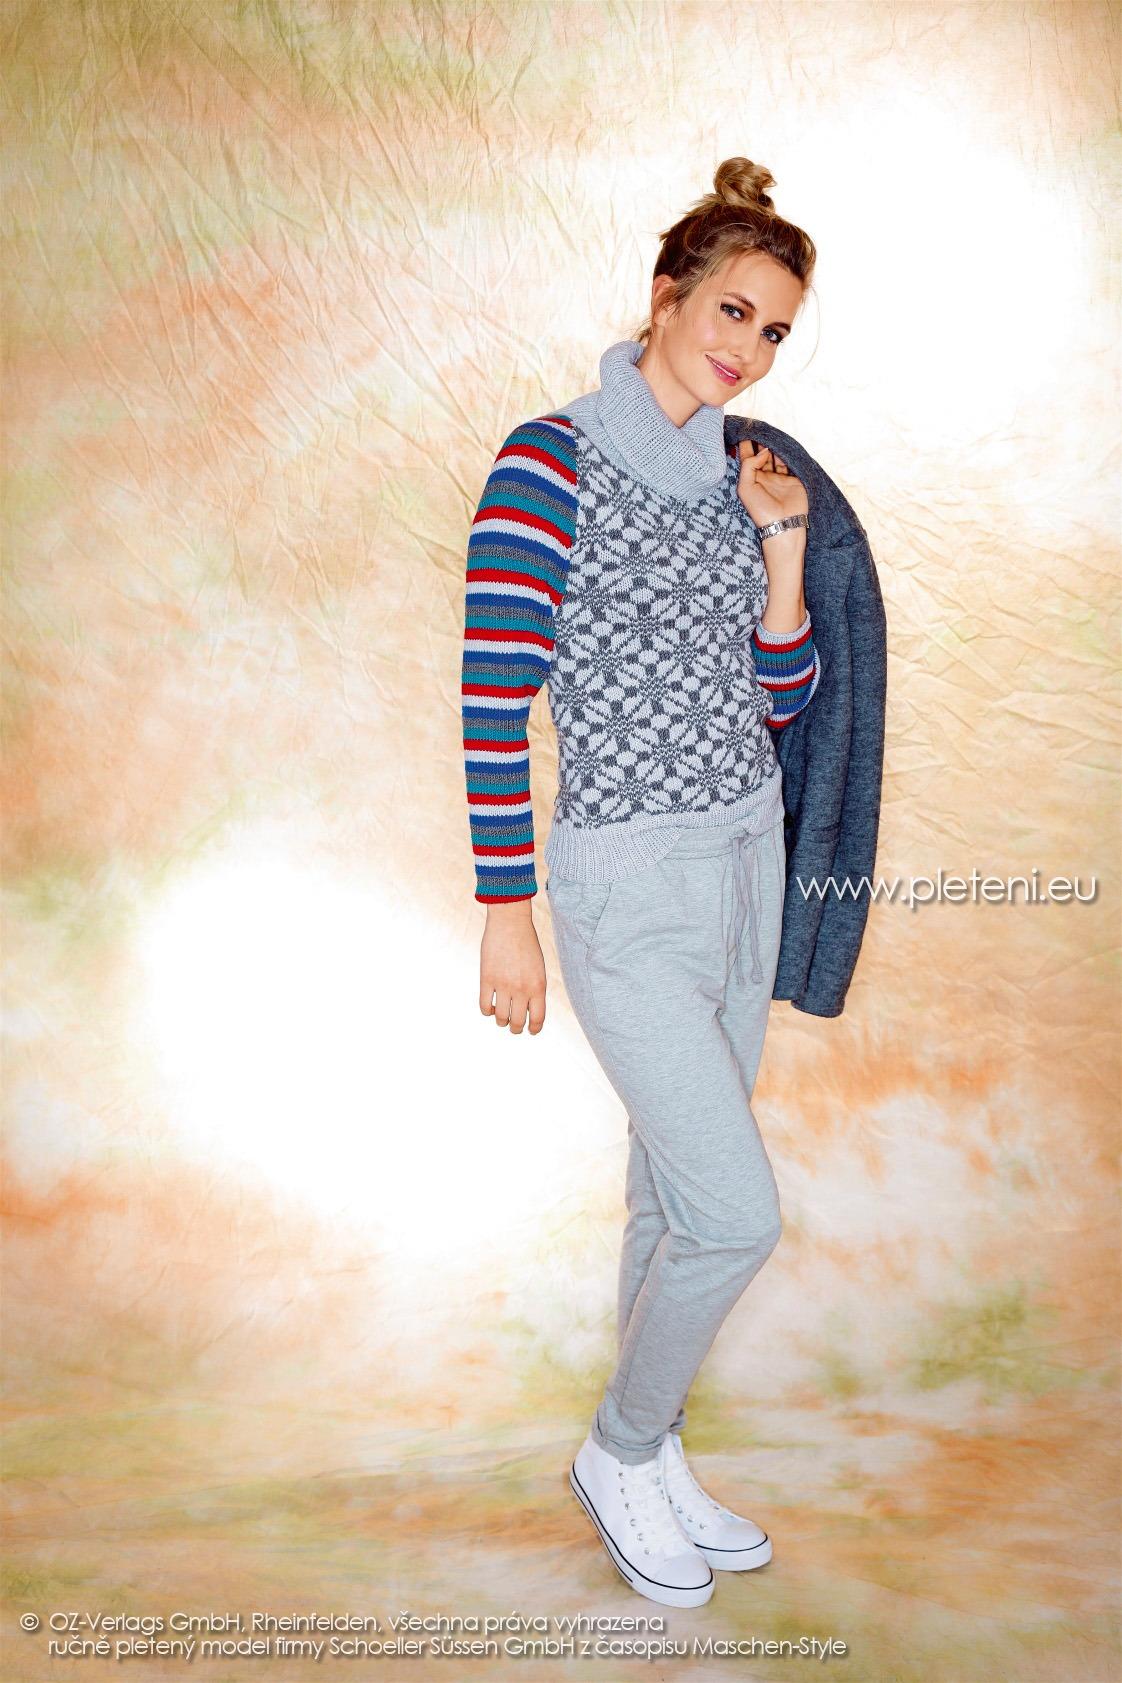 2017-2018 model 16 dámský pletený svetr z příze Merino 105 firmy Schoeller